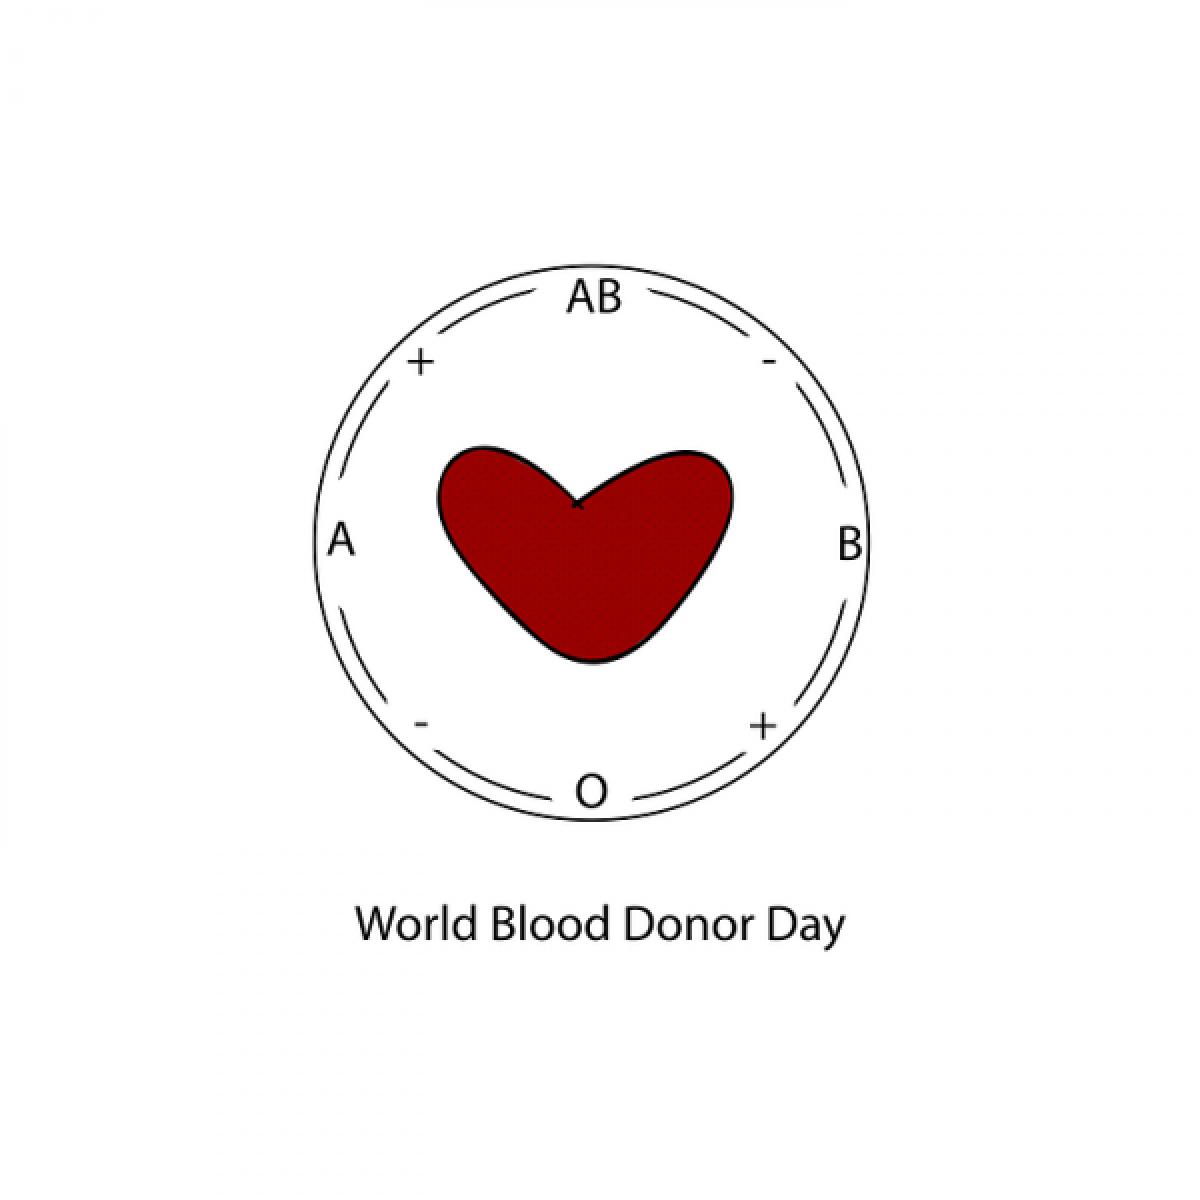 19 லட்சம் யூனிட் ரத்தம் பற்றாக்குறை... 4 லட்சம் உயிர்களை இழந்துவிட்டோம்! #WorldBloodDonorDay #StopMithani